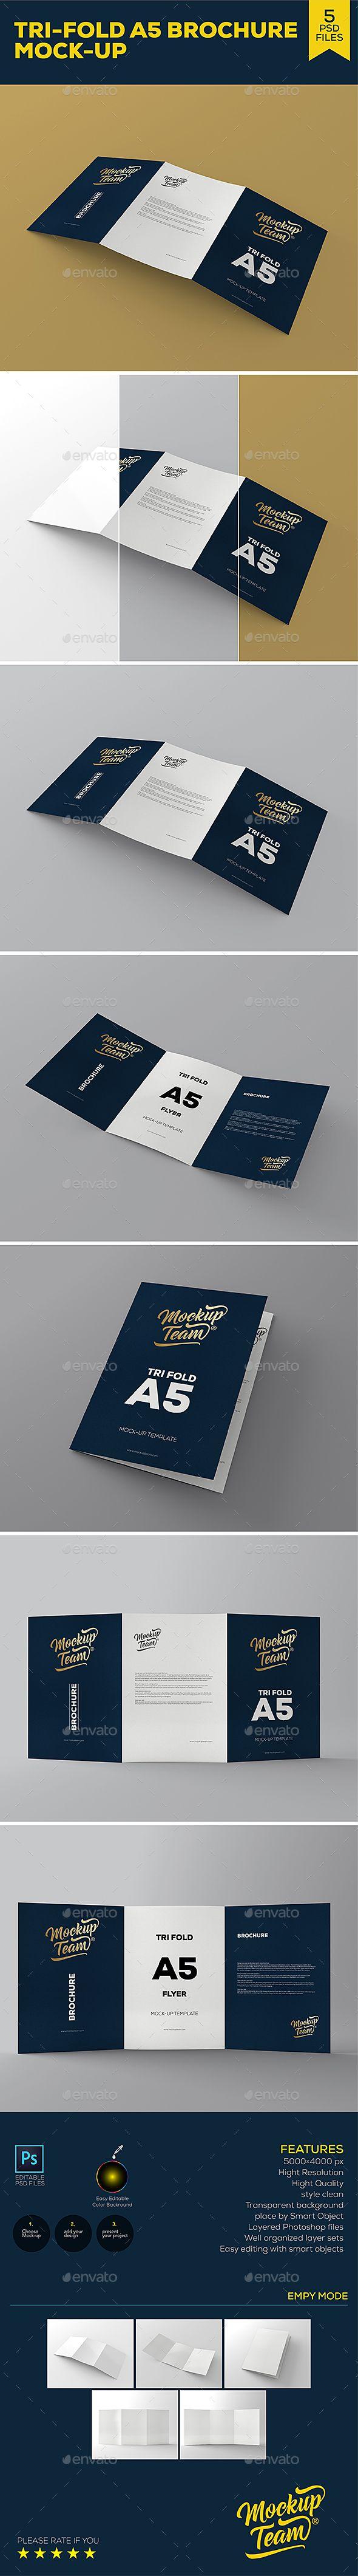 Download Tri Fold A5 Brochure Mock Up 2 Mockup Photoshop Trifold Brochures Mockups